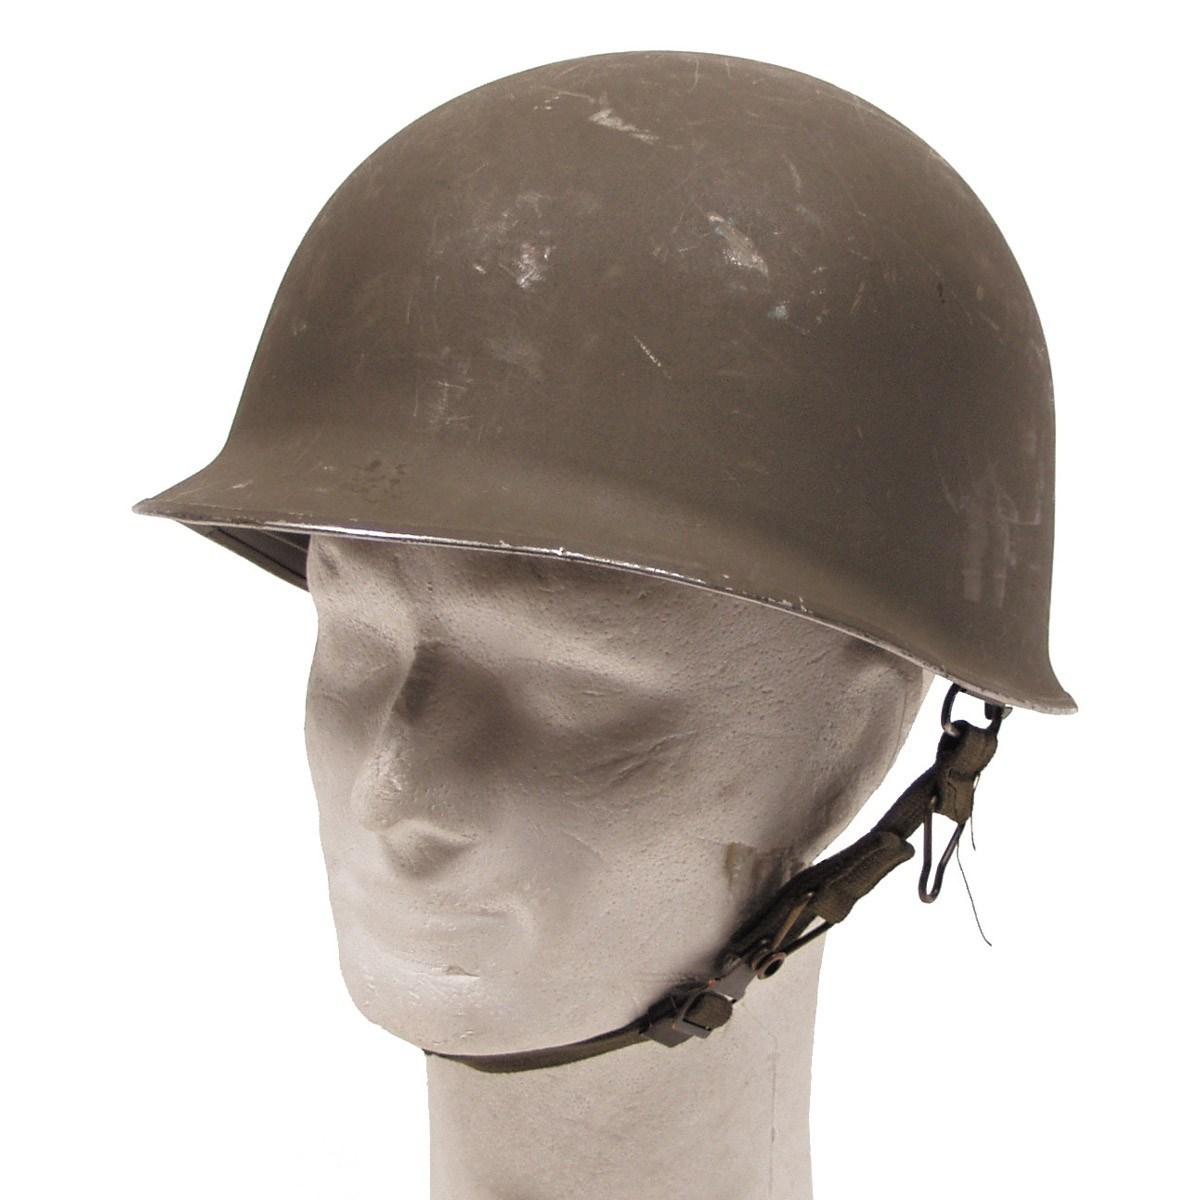 Helma M1 RAKOUSKÁ s vnitřkem ZELENÁ použitá